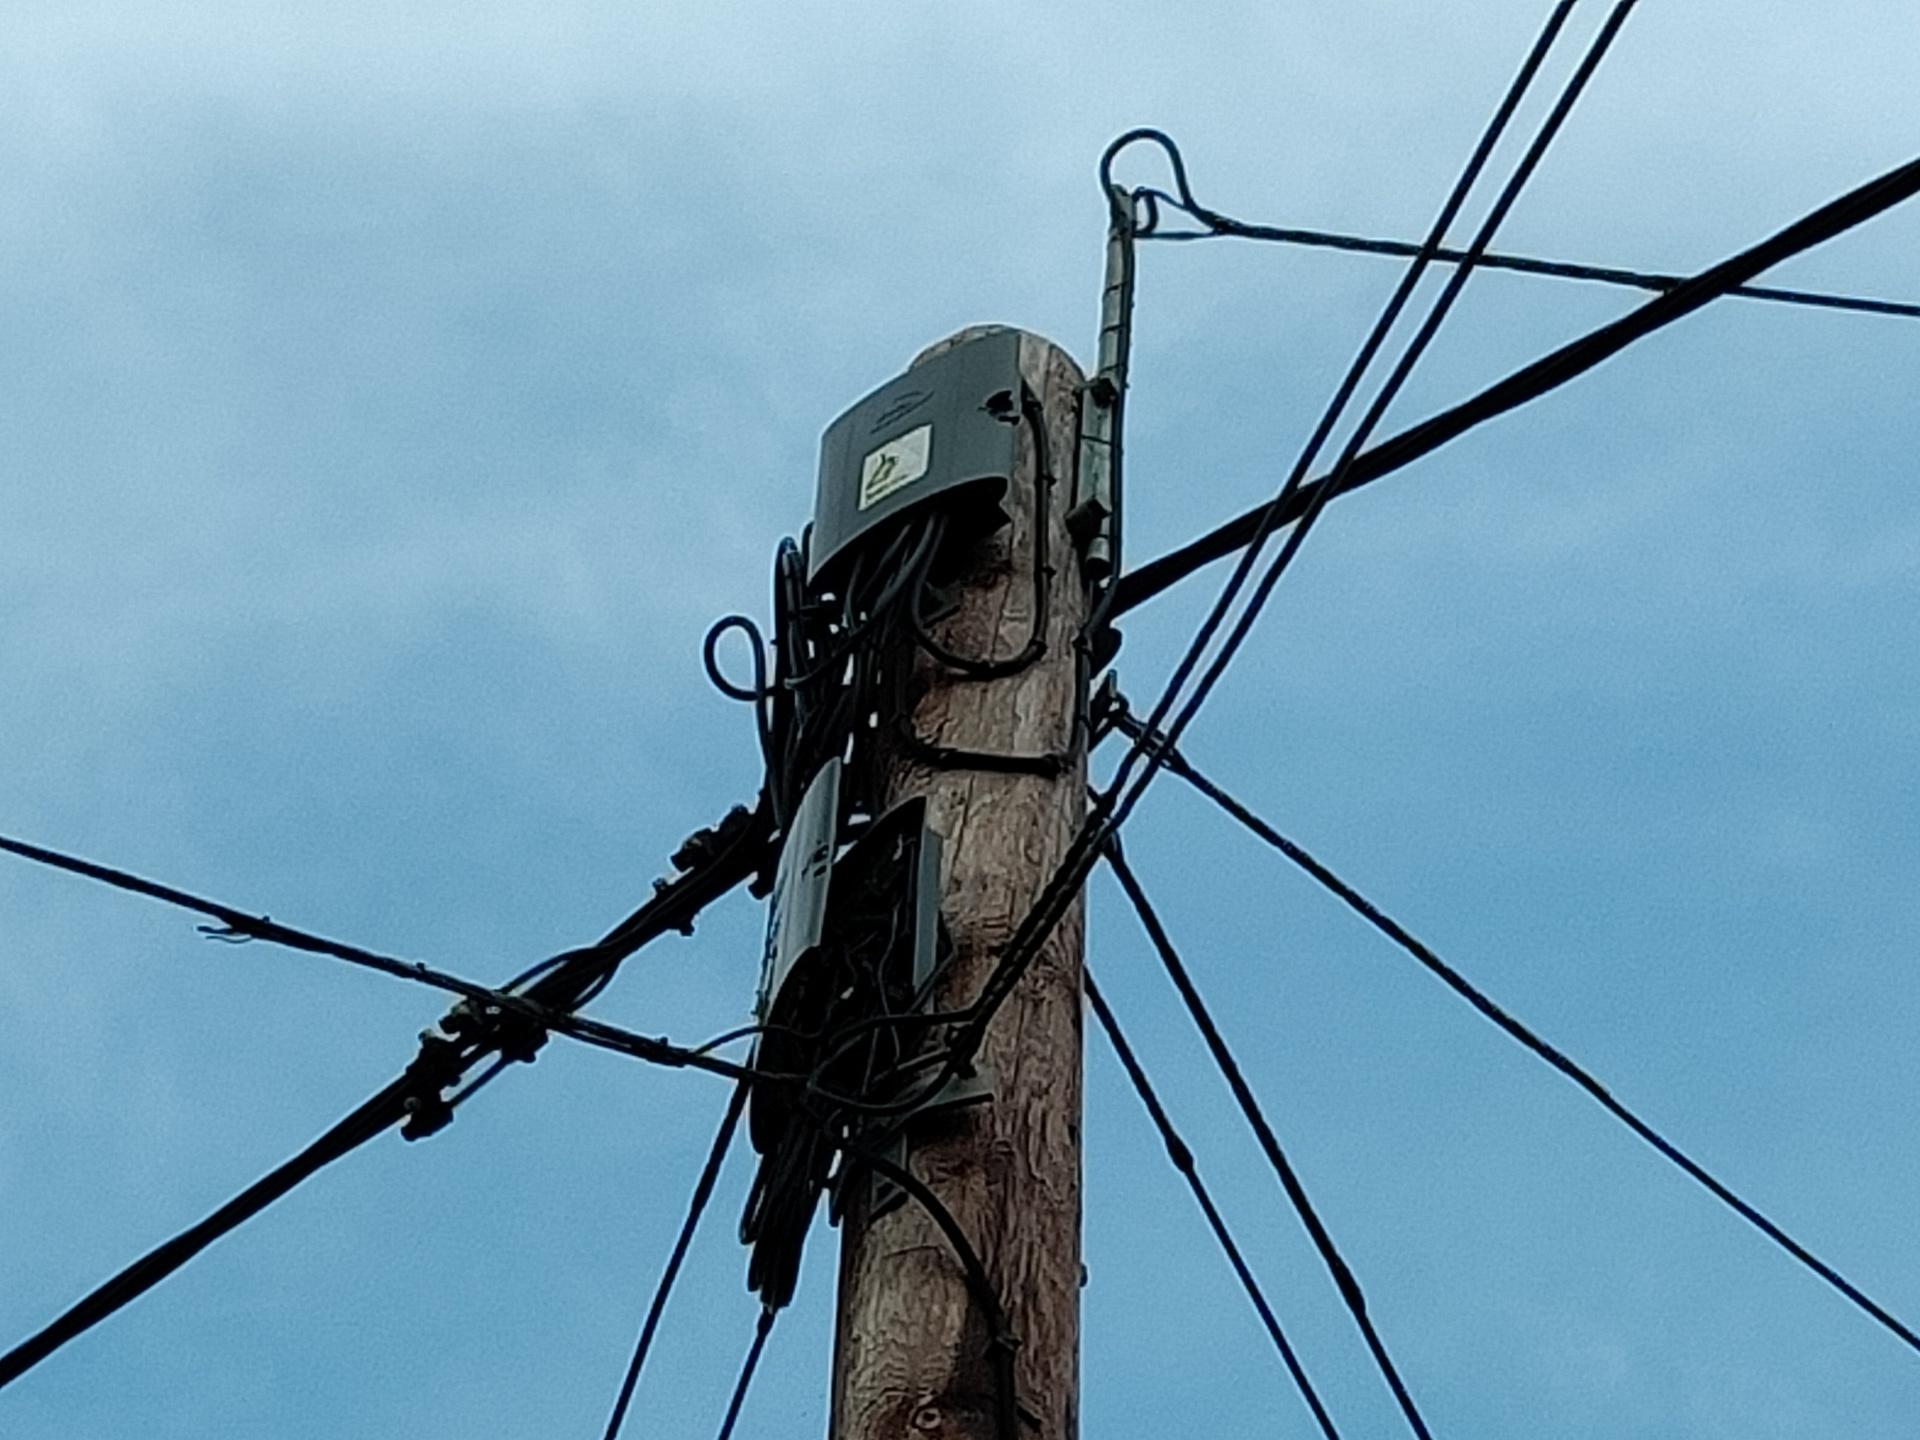 Nord vs 4a vs SE - Nord 5x telegraph pole